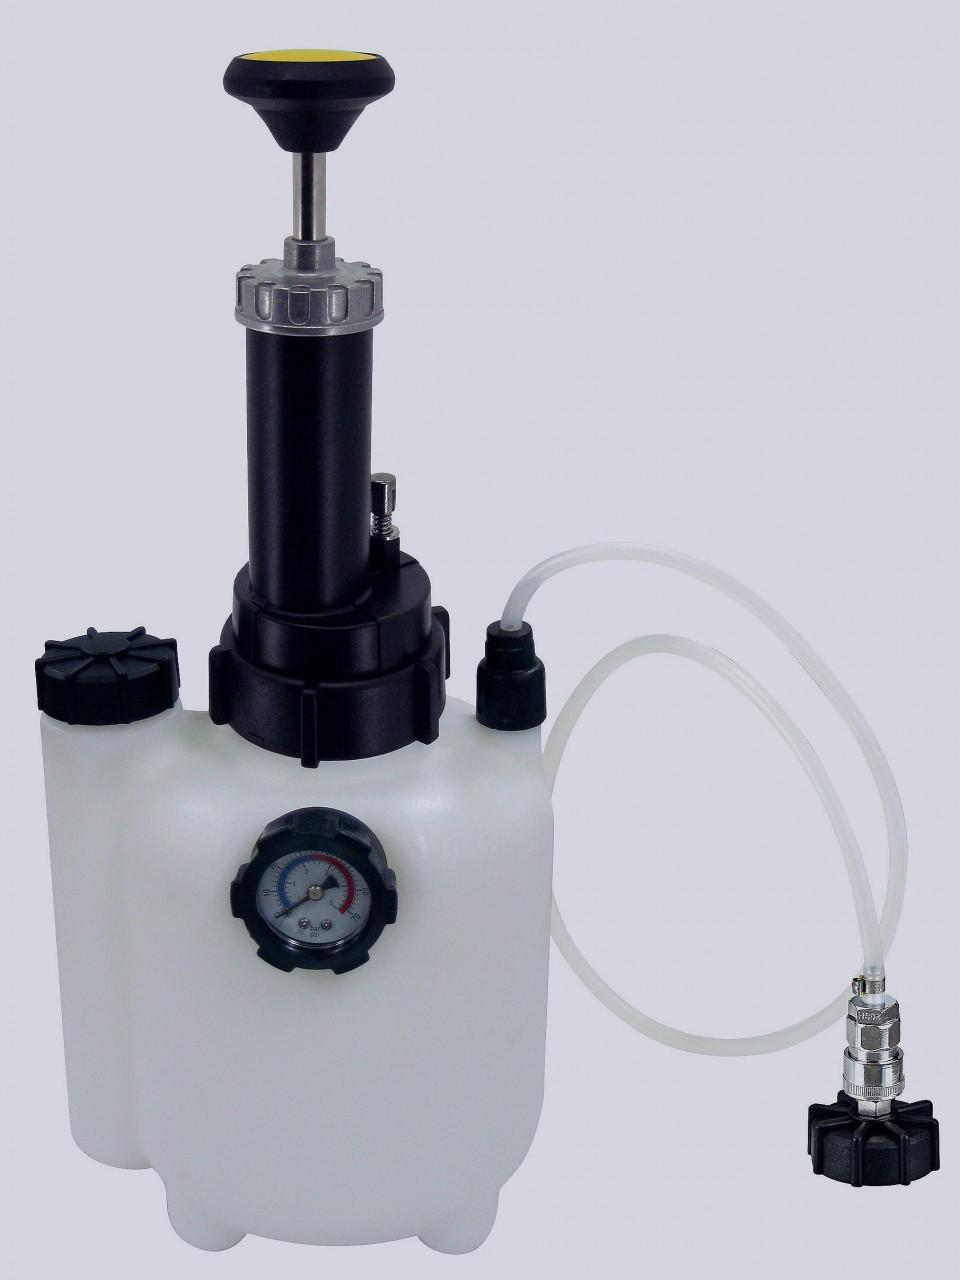 SP70809 SP TOOLS BRAKE & CLUTCH PRESSURE BLEEDING KIT SP70809